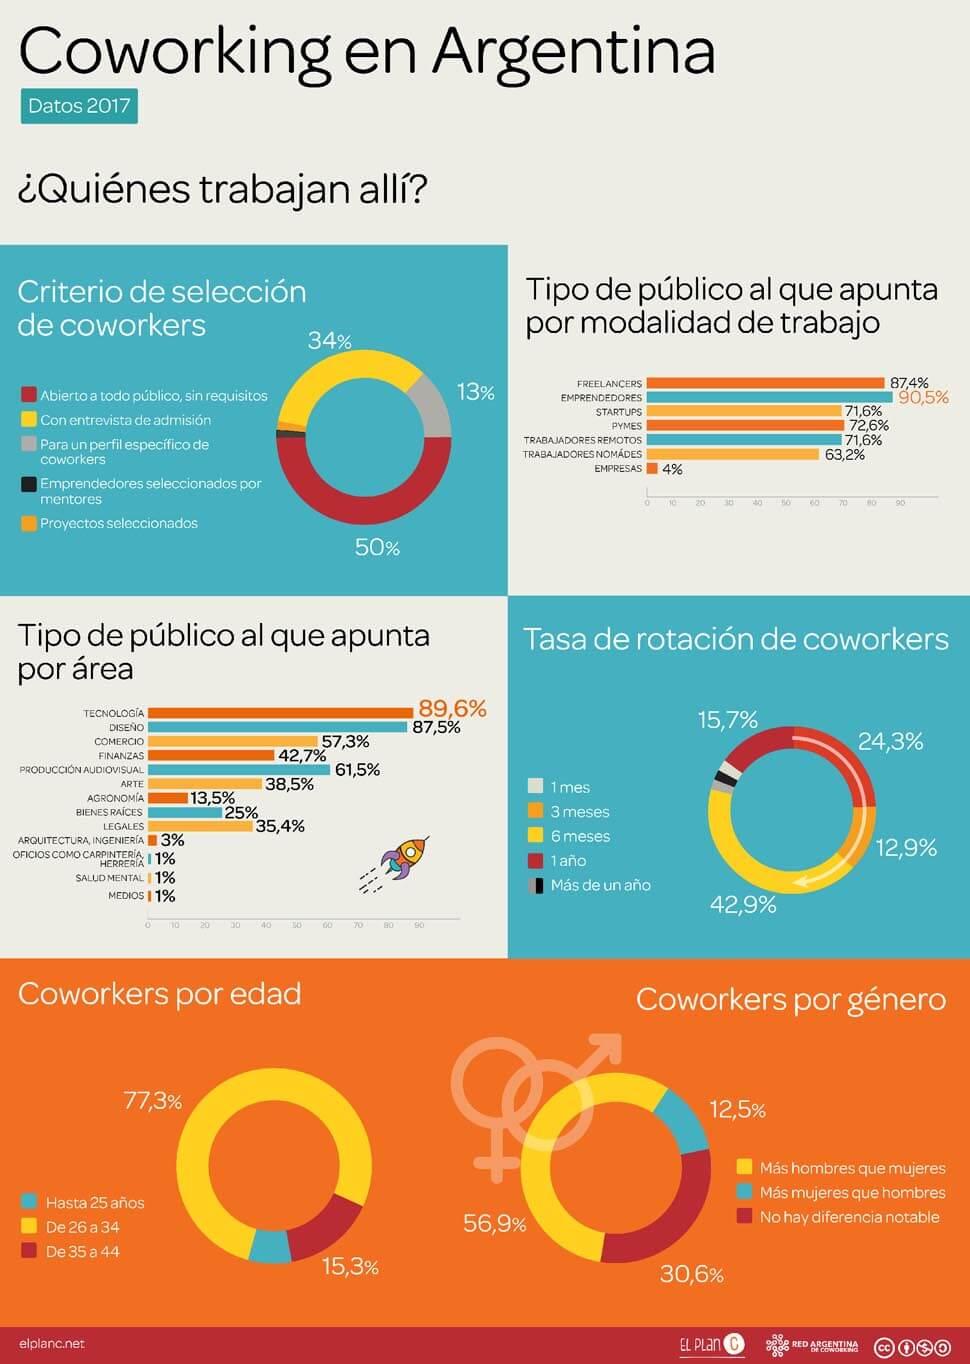 Encuesta Coworking en Argentina 2017 - coworkers